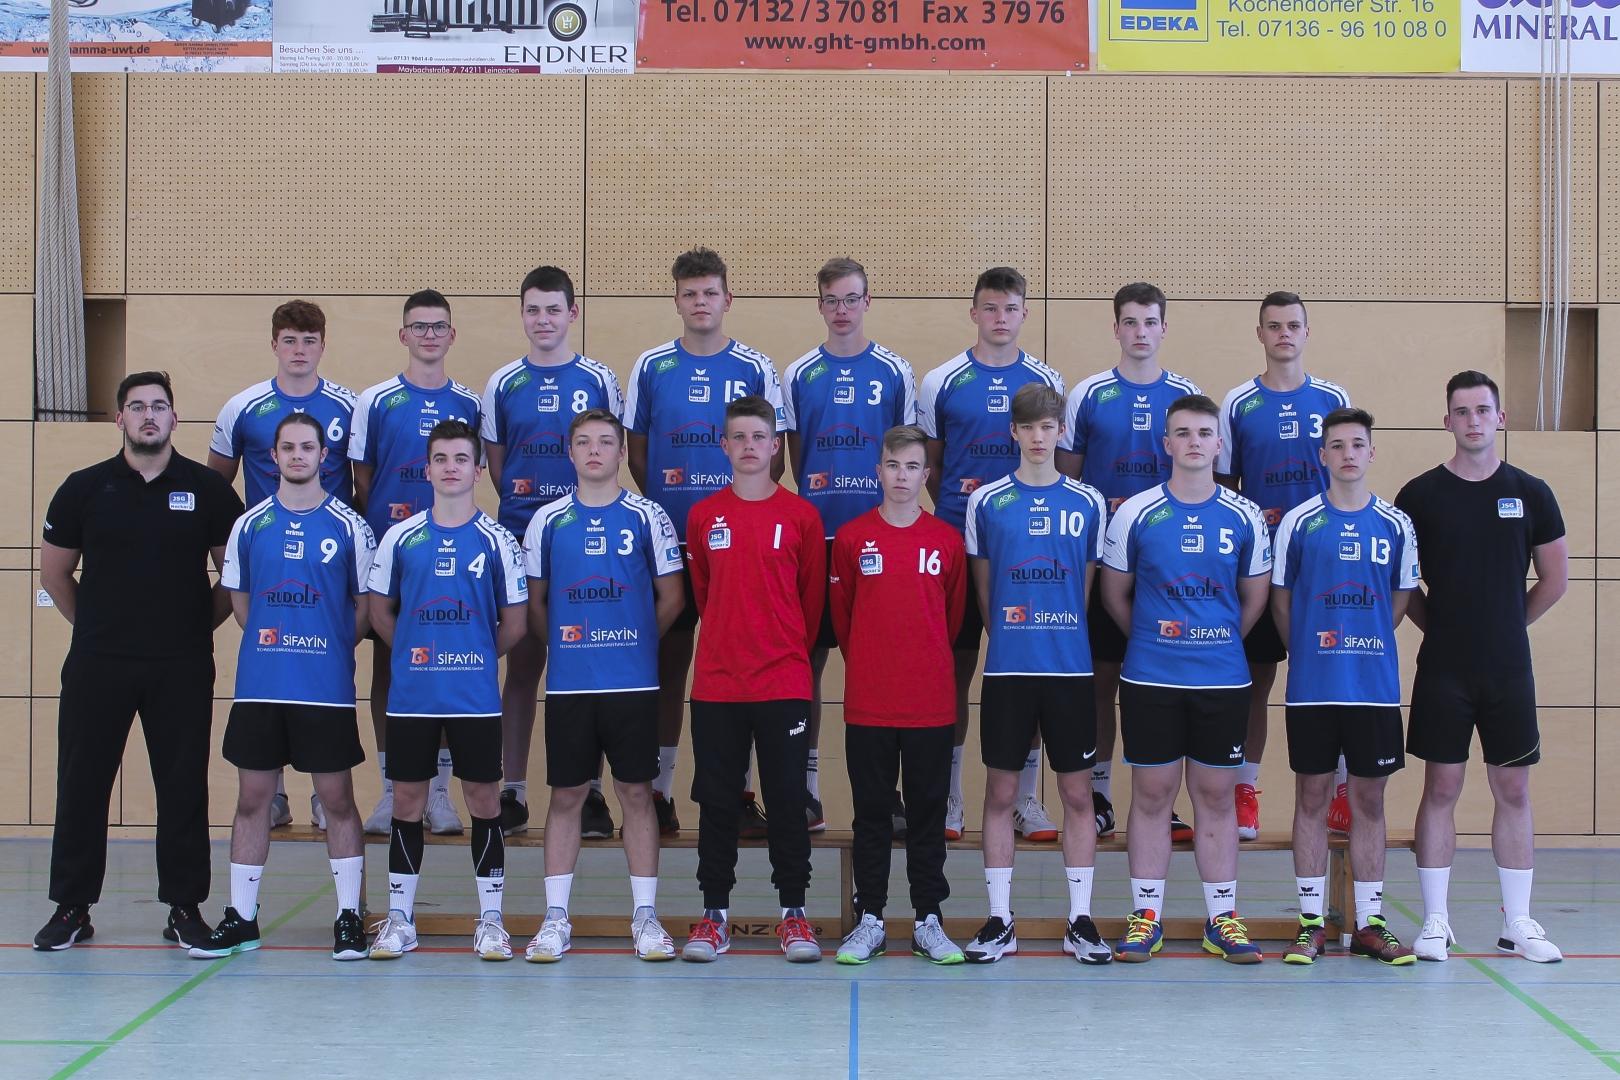 JSG Neckar Kocher männliche Jugend B